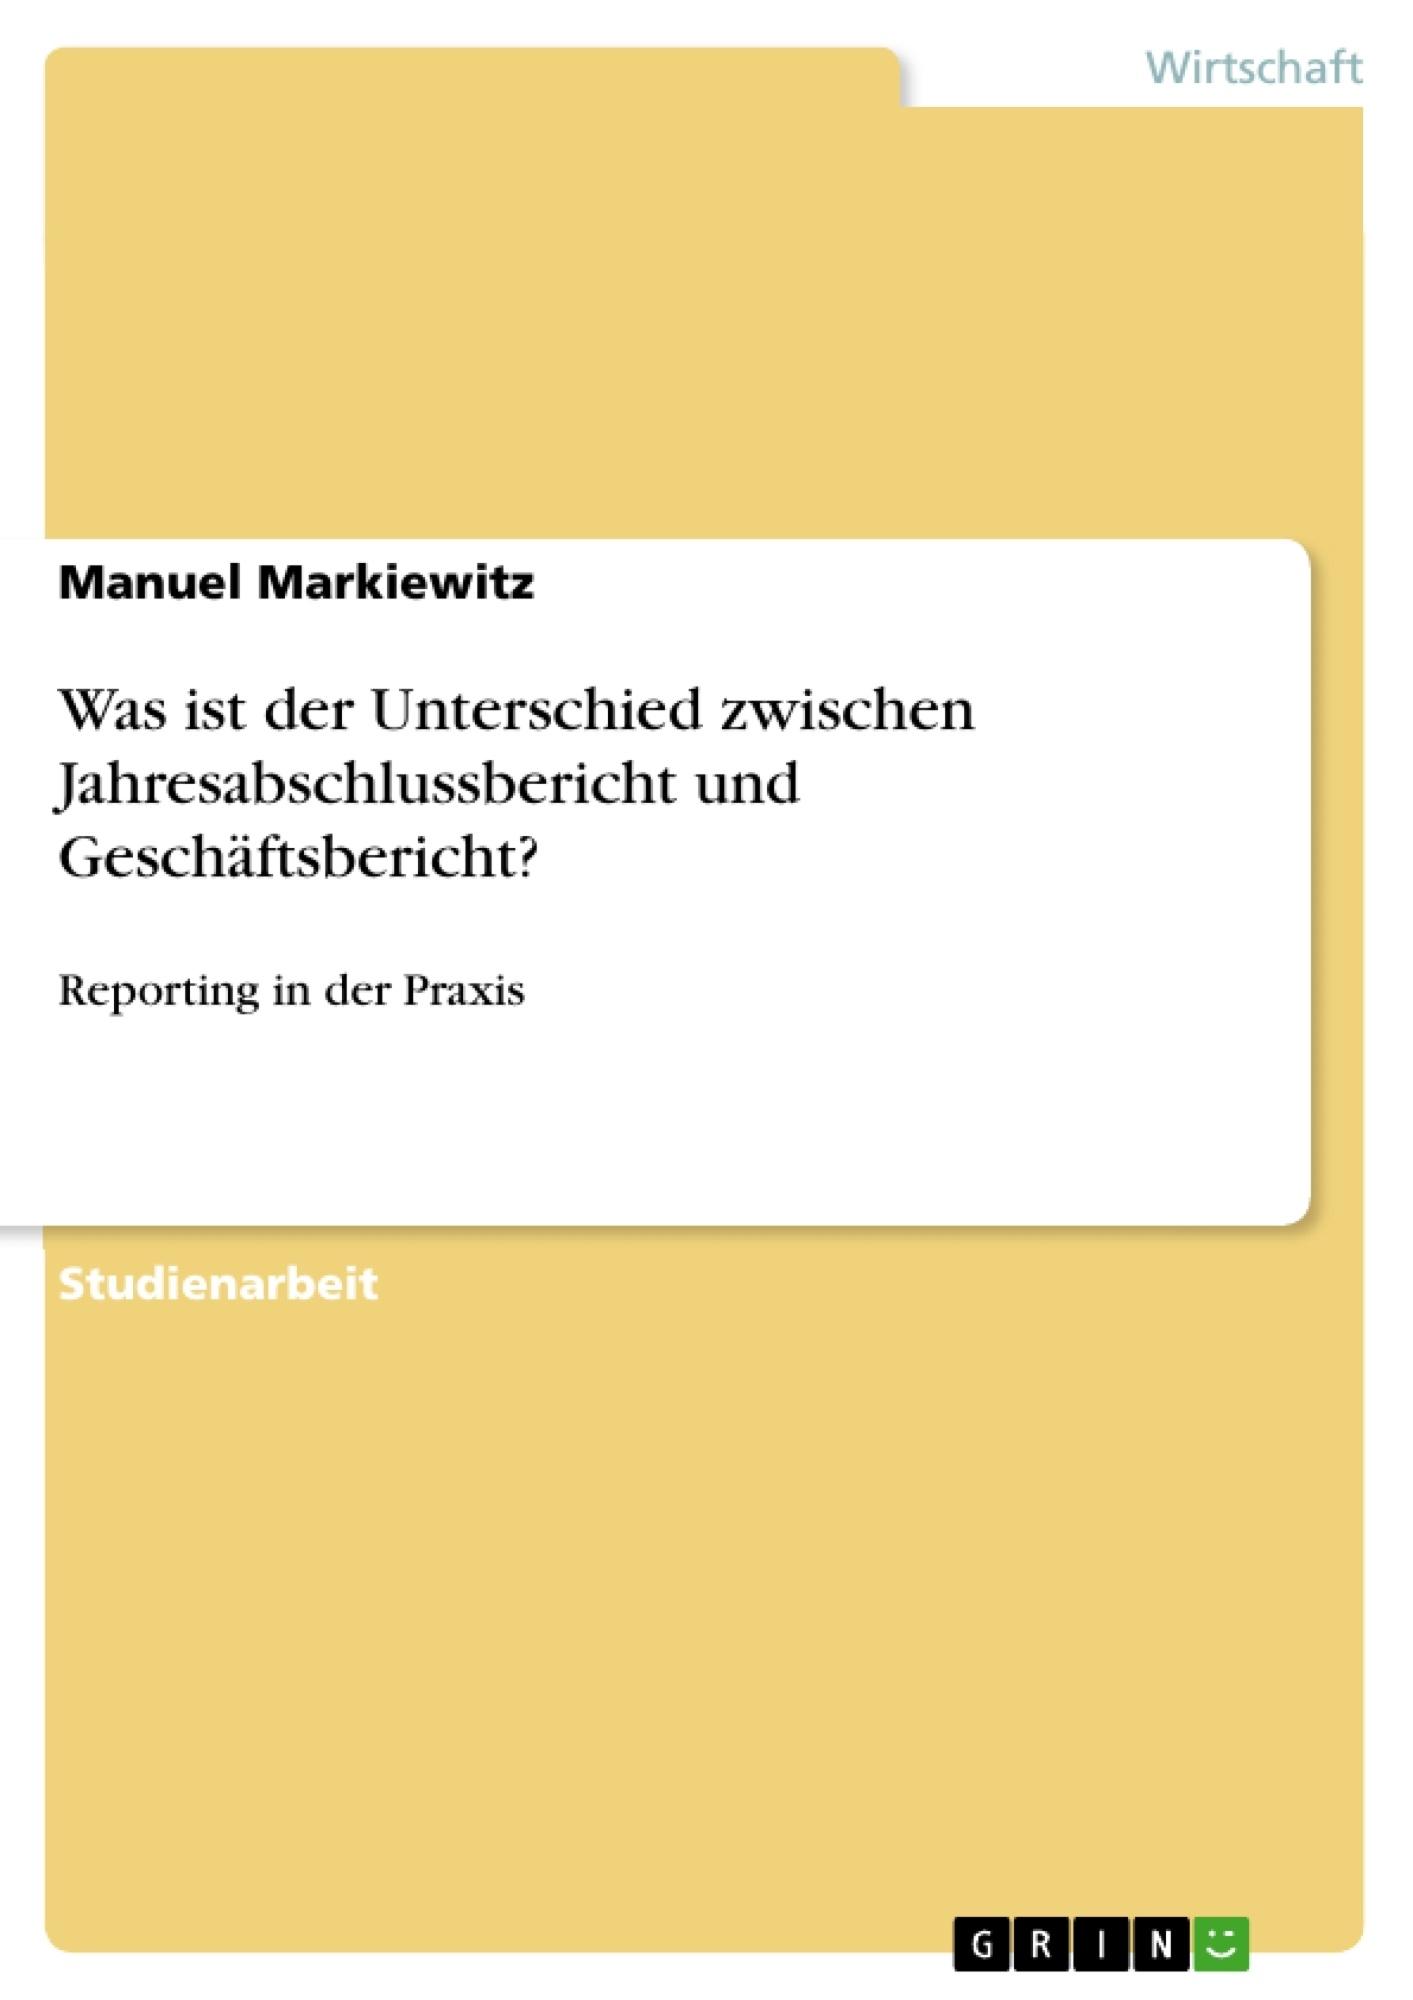 Titel: Was ist der Unterschied zwischen Jahresabschlussbericht und Geschäftsbericht?